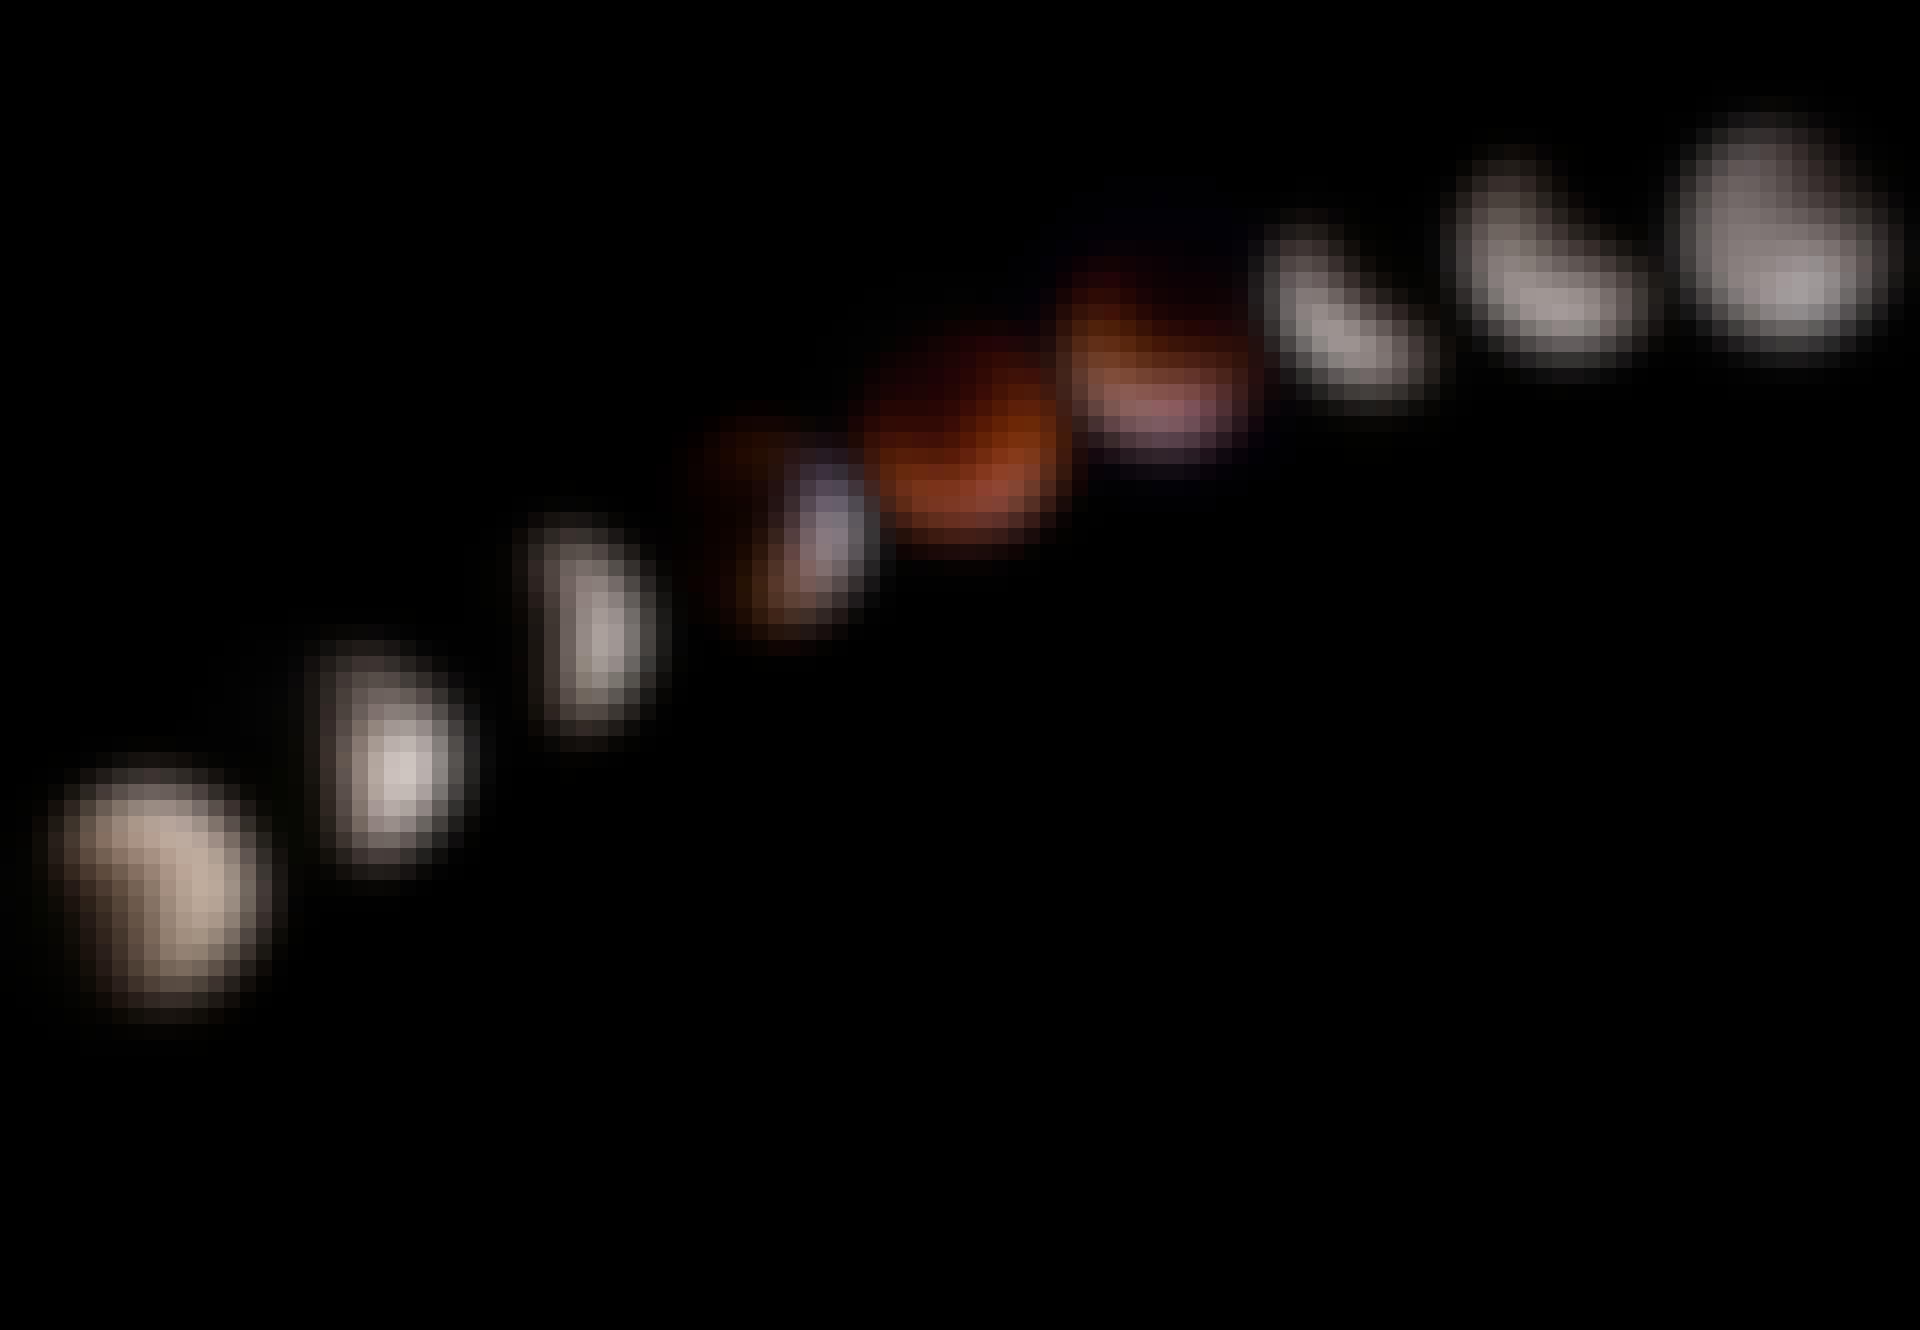 Total månförmörkelse skapar en blodmåne